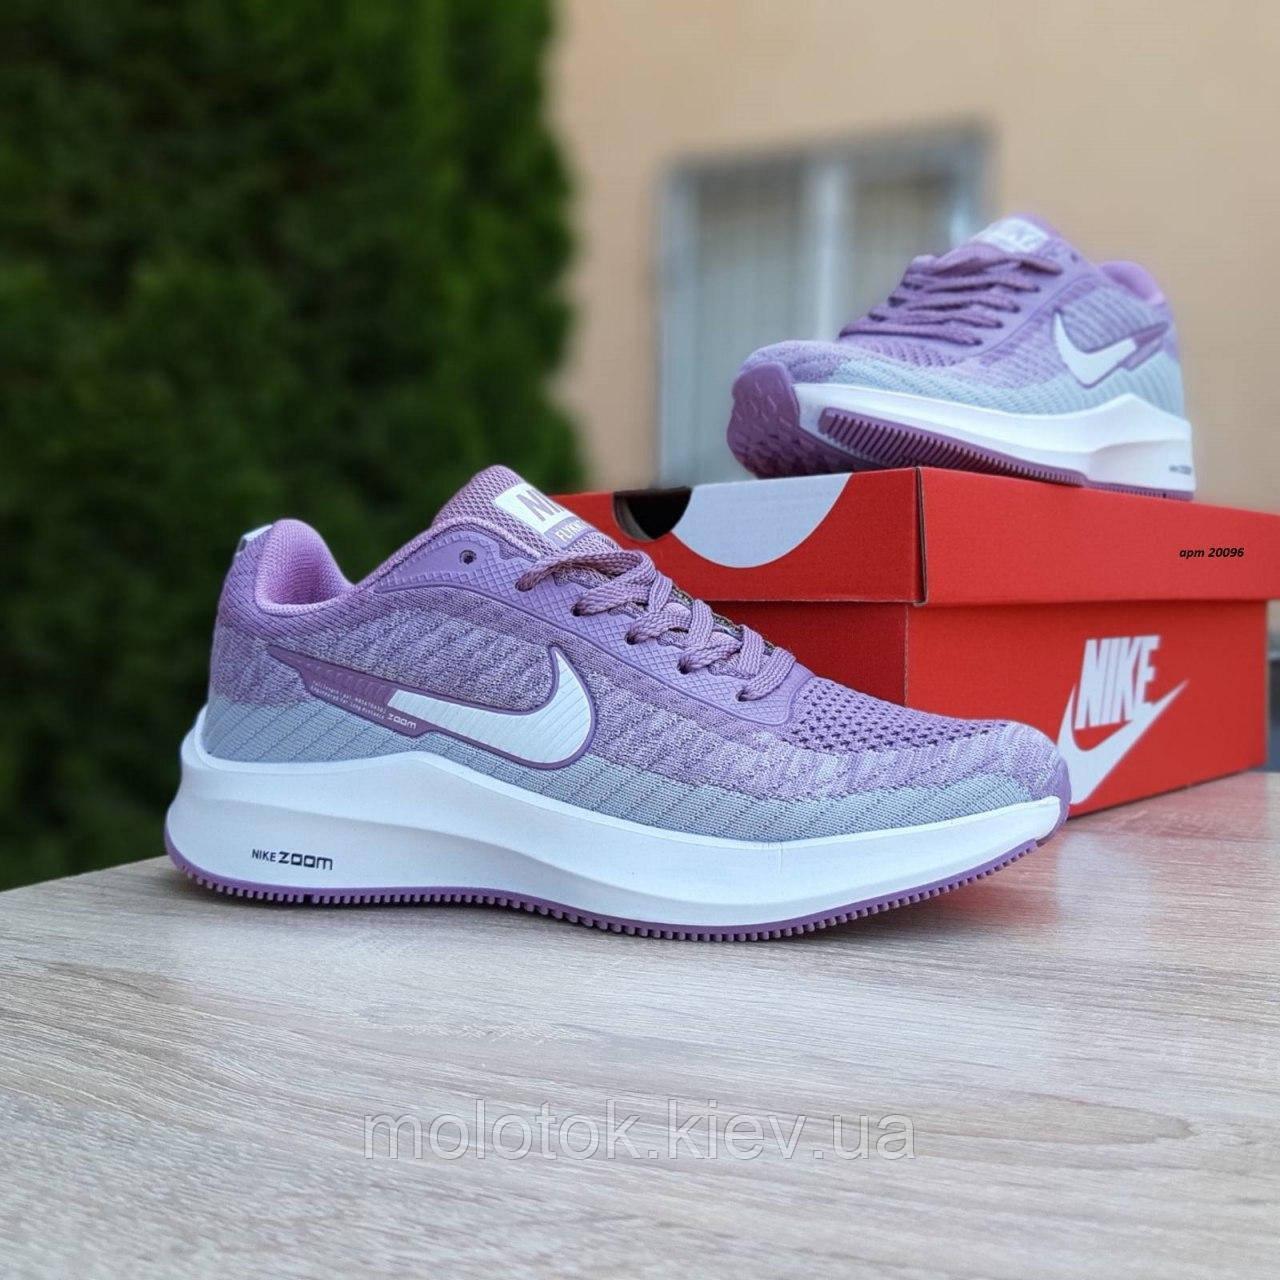 Женские кроссовки в стиле Nike Flyknit Lunar 3 серые с сиреневым